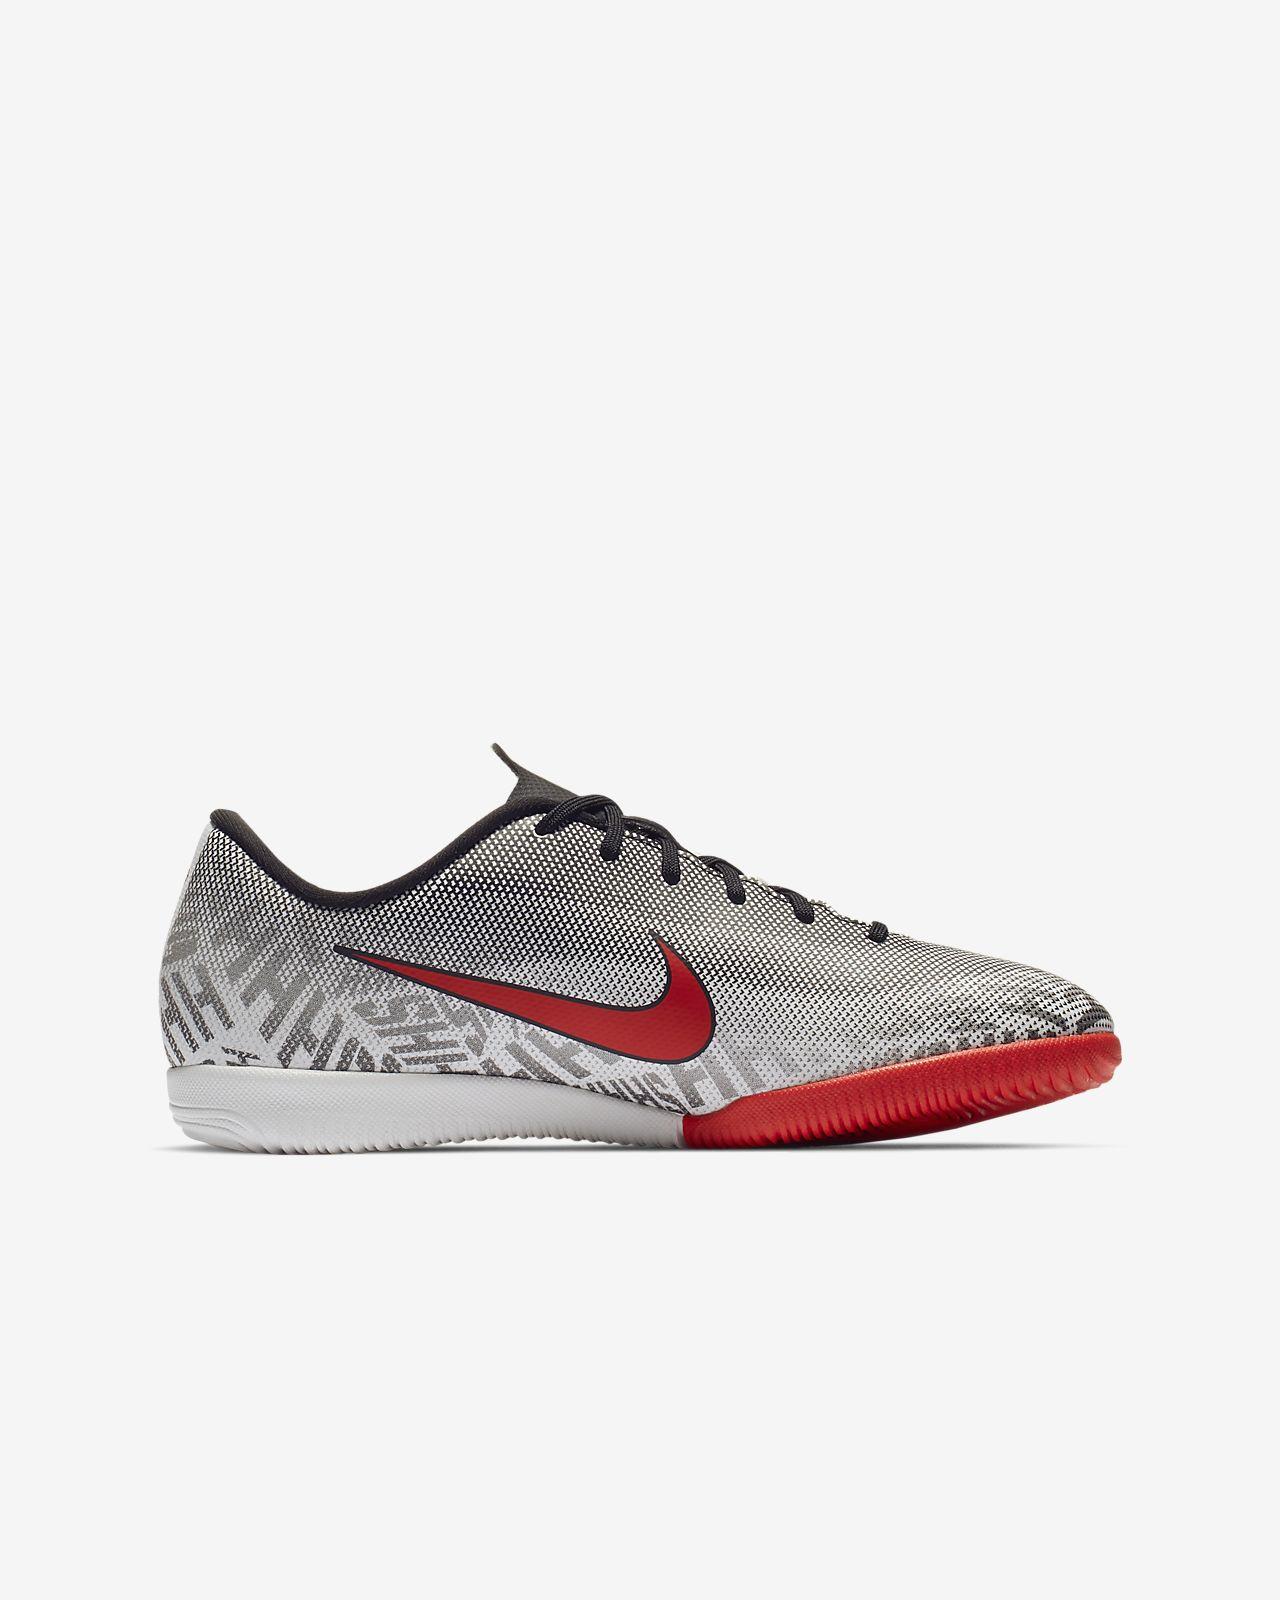 686b192db0f8d ... Halowe buty piłkarskie dla małych dużych dzieci Nike Jr. Vapor XII Academy  Neymar Jr